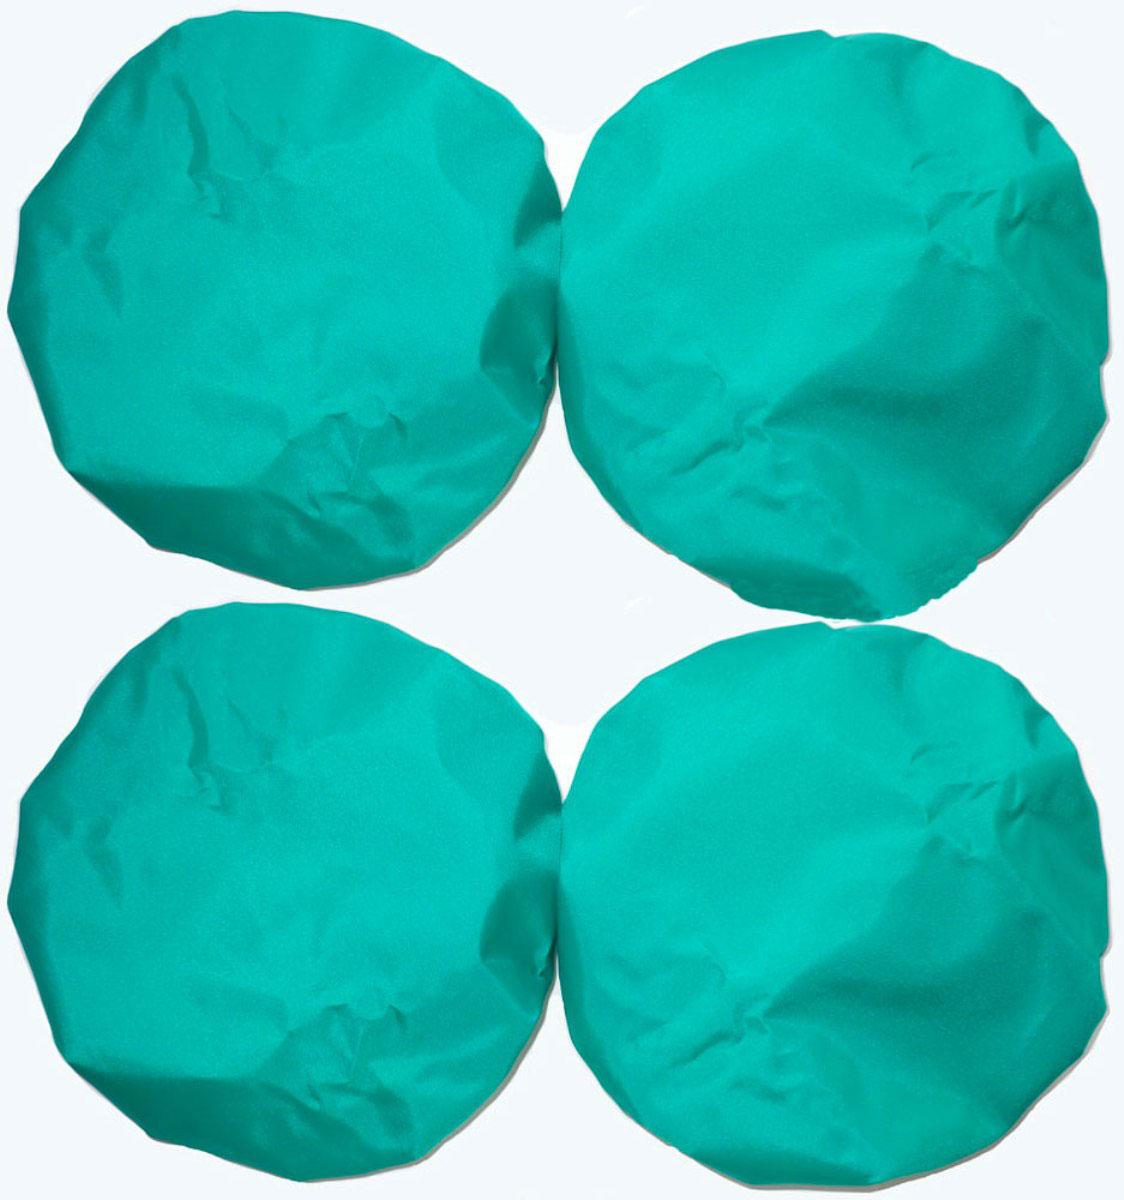 Чудо-Чадо Чехлы на колеса для коляски диаметр 18-28 см цвет зеленый 4 шт -  Аксессуары для колясок